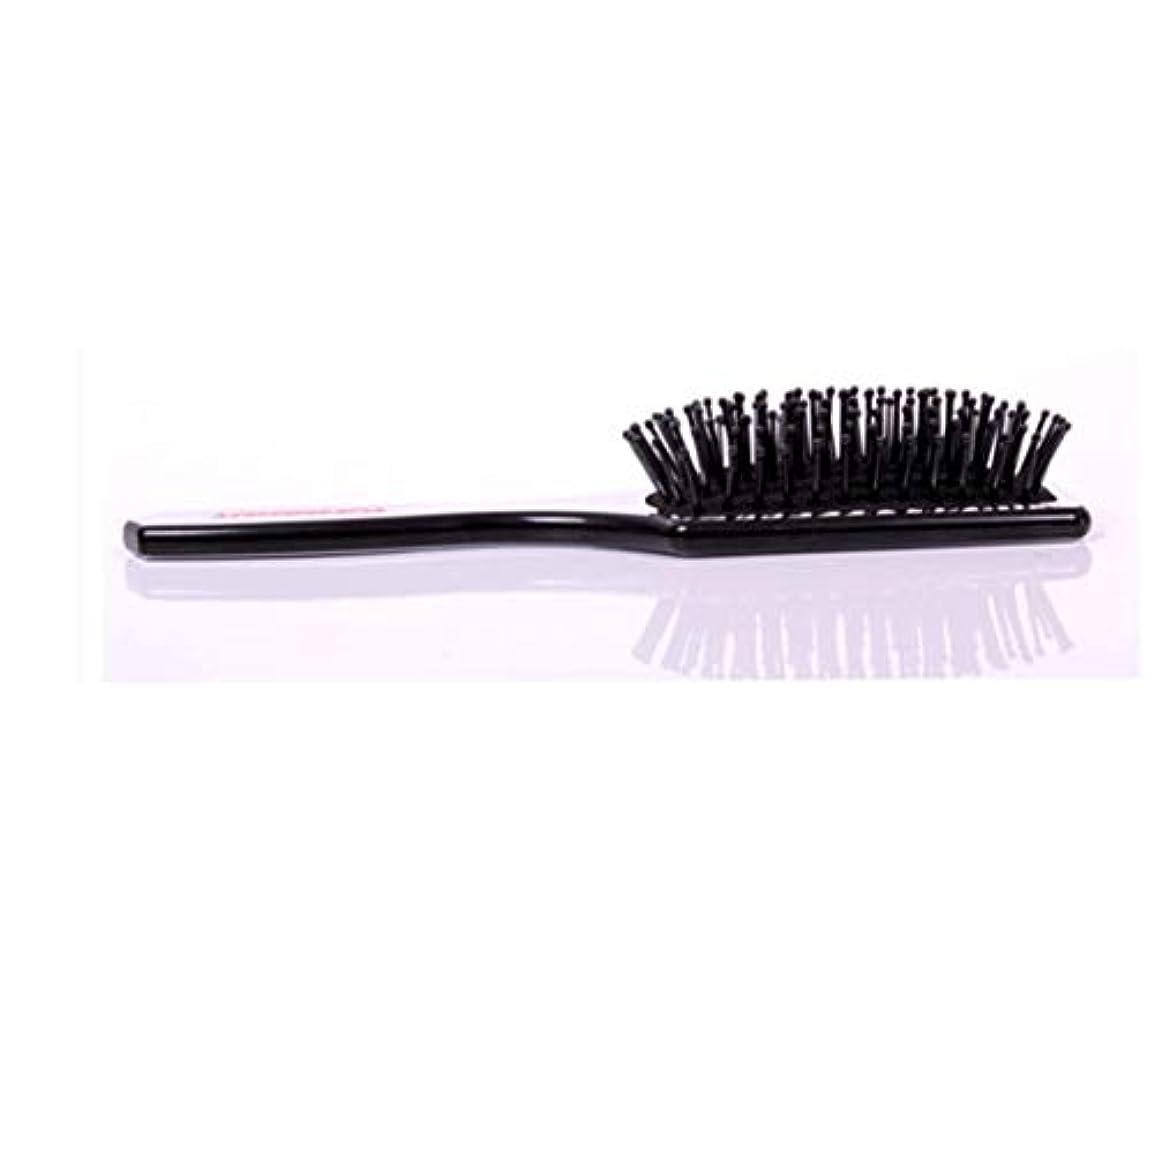 メタン苗引用Fashianヘアブラシマッサージ髪の毛と頭皮の熱と耐久性のある帯電防止スタイリングくしサイズL/S モデリングツール (サイズ : S)